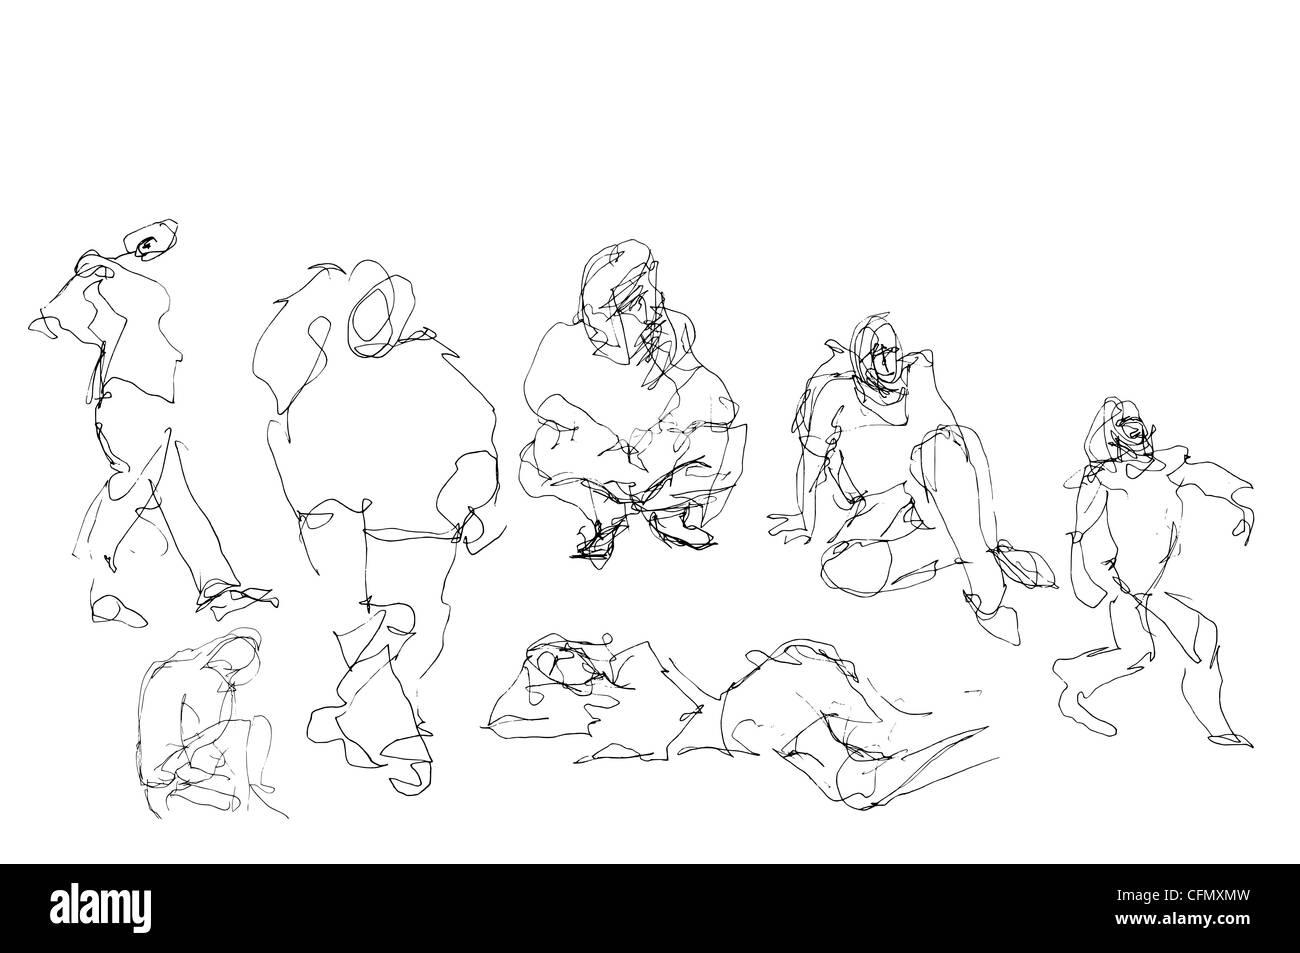 Disegnata a mano doodle elemento di persone in posa. Immagini Stock